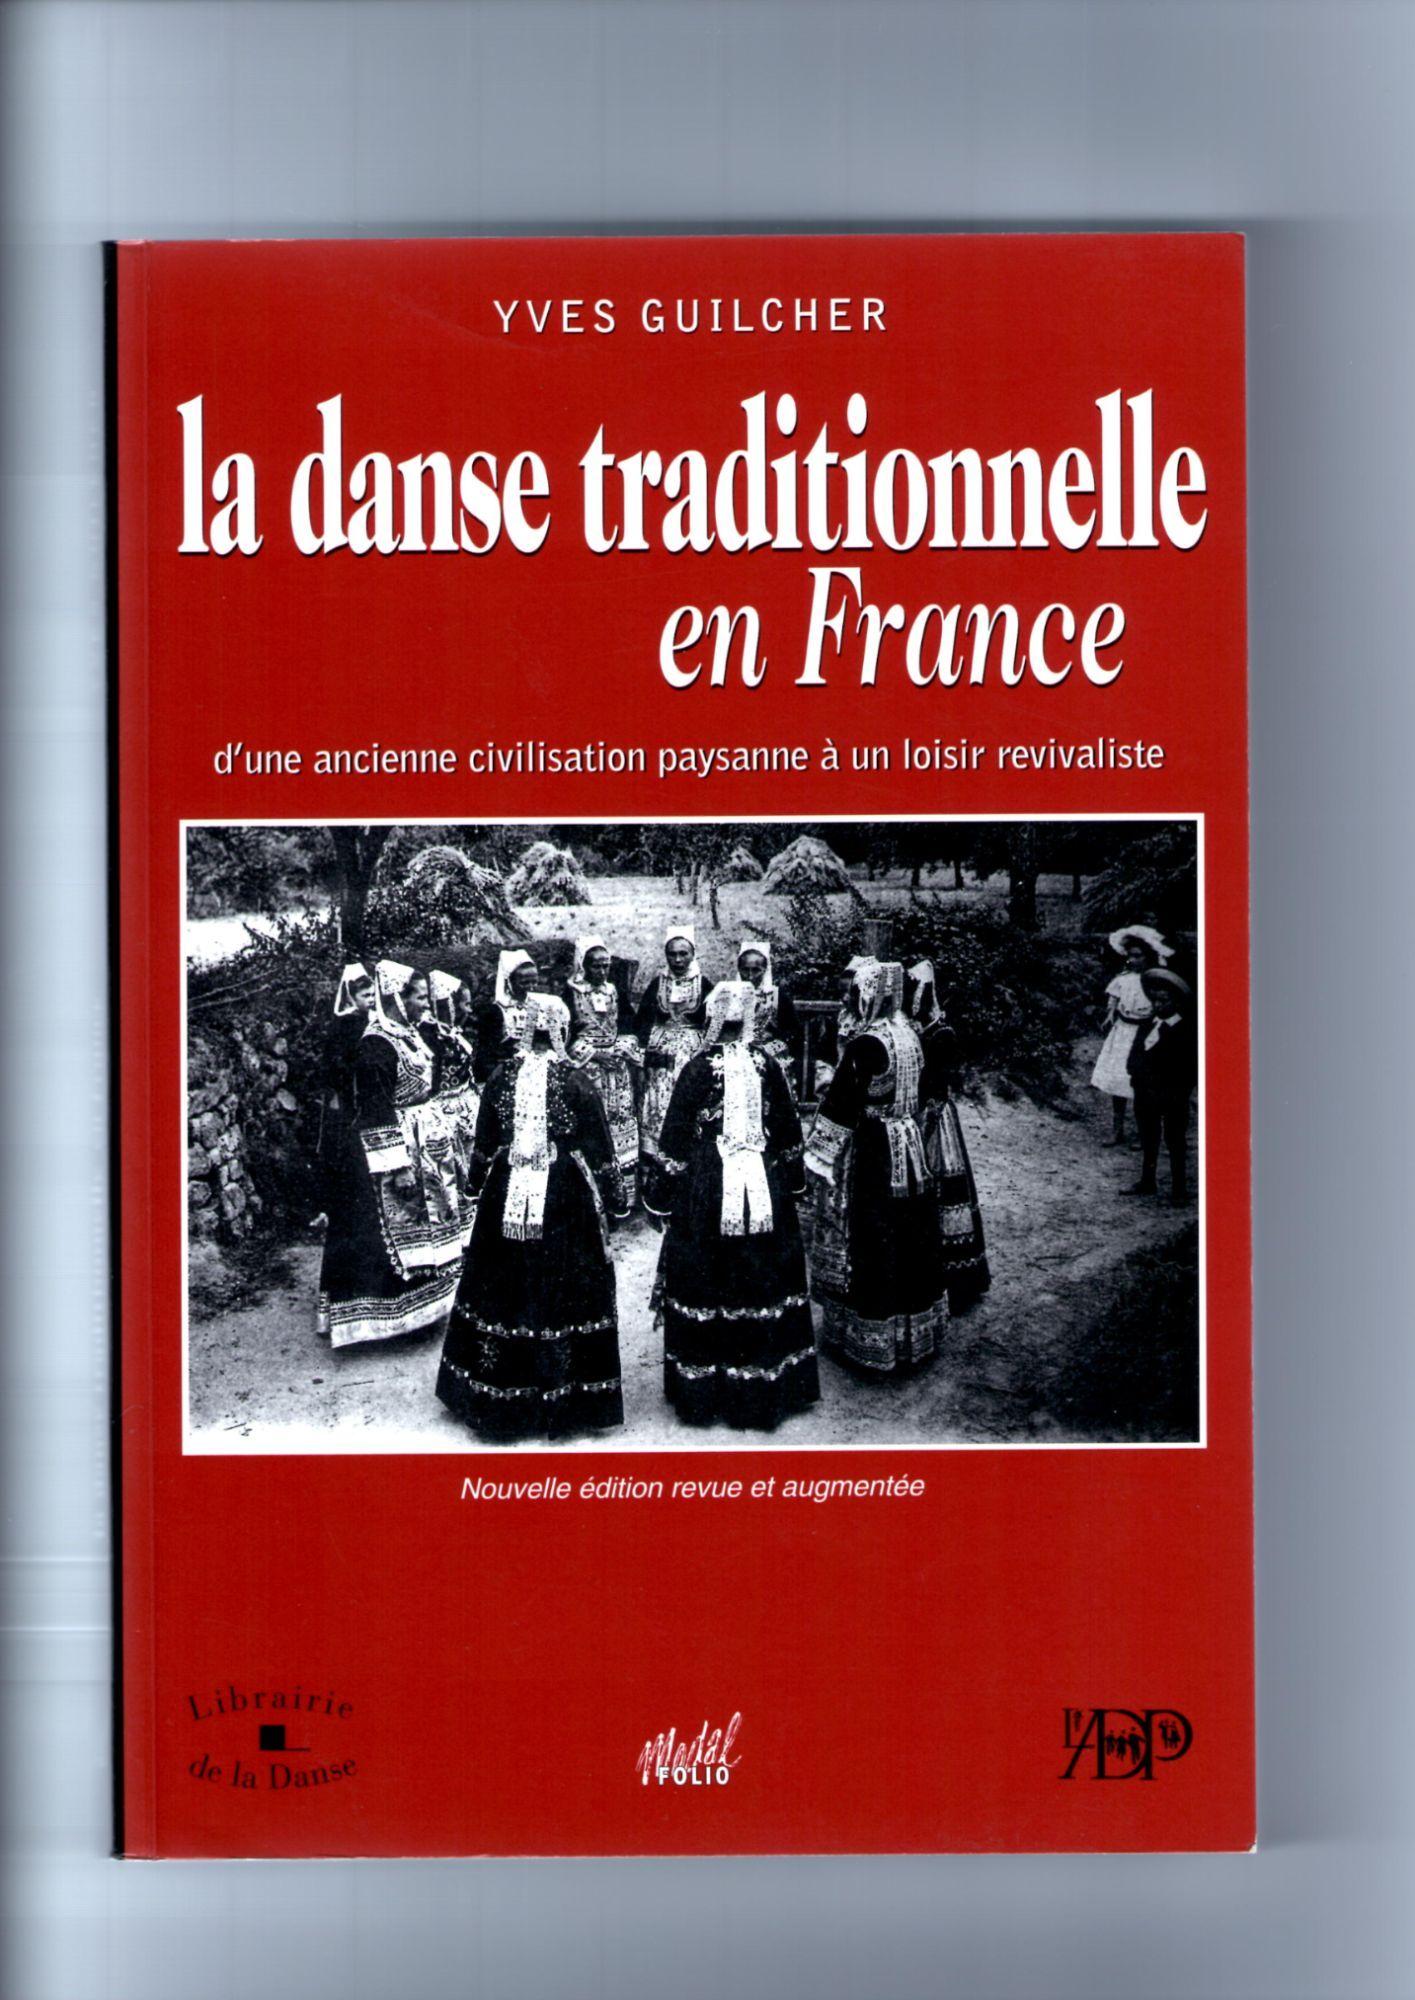 La danse traditionnelle en France d'une ancienne civilisation paysanne à un loisir revivaliste. Nouvelle édition revue et augmentée d'Yves Guilcher